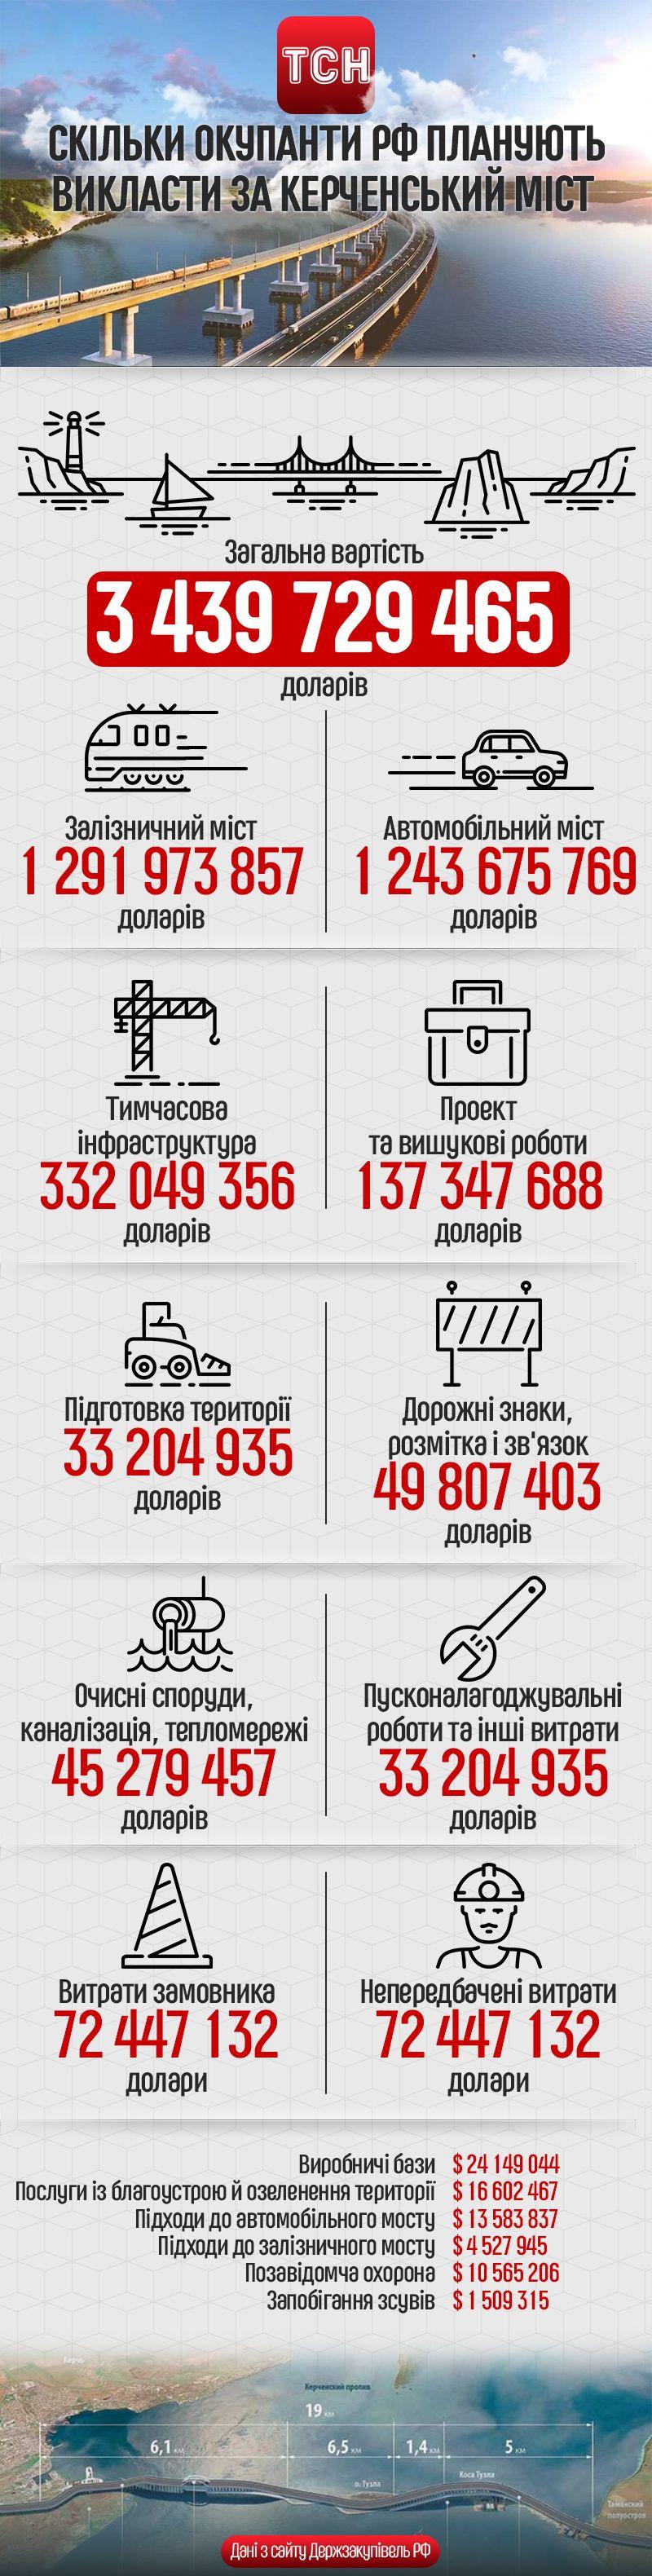 Керченський міст, інфографіка